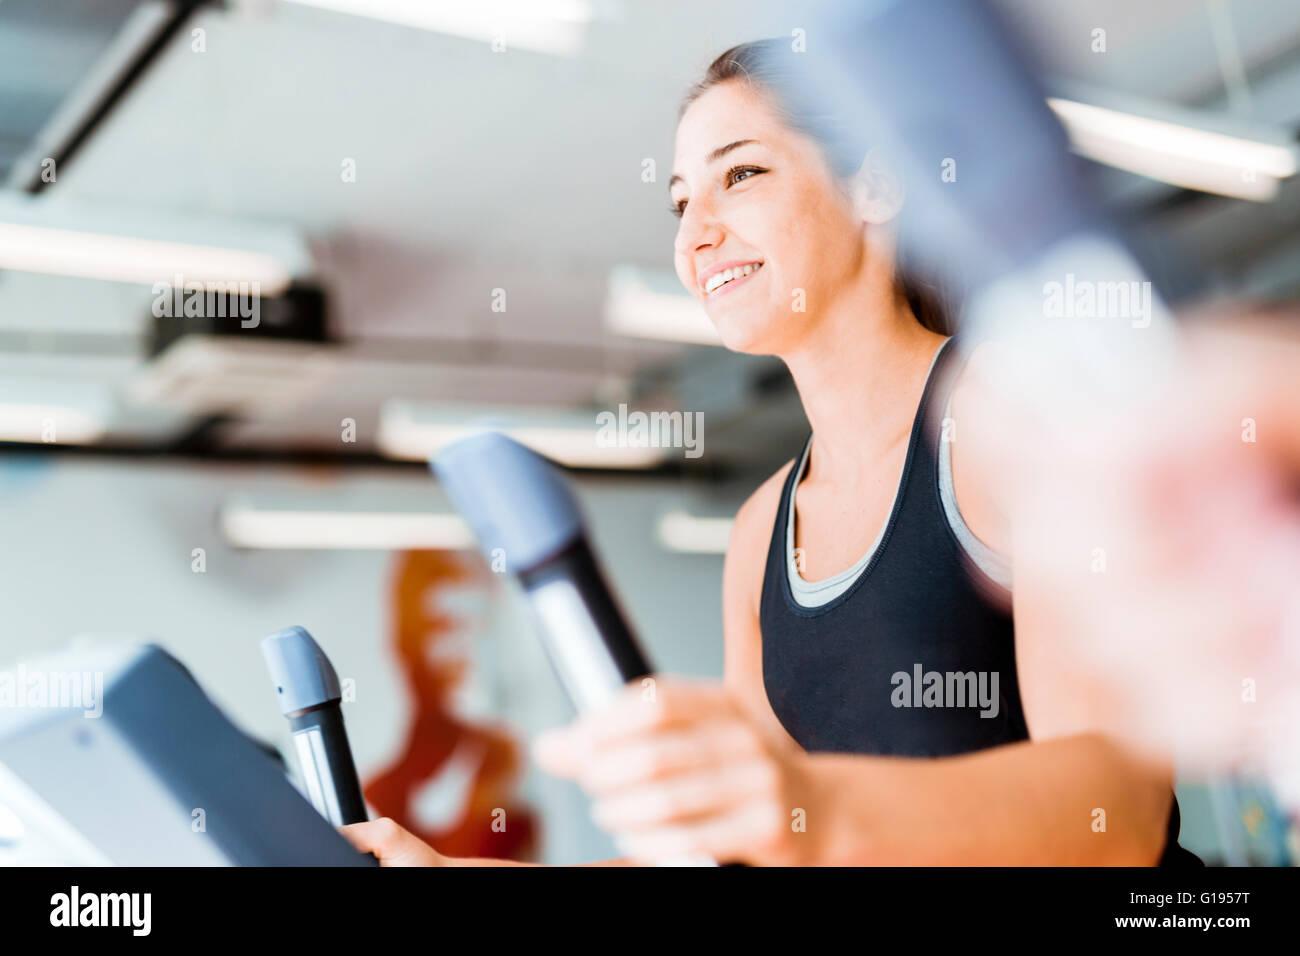 Schöne junge Dame mit dem elliptischen Trainer in einem Fitnessstudio in eine positive Stimmung Stockbild